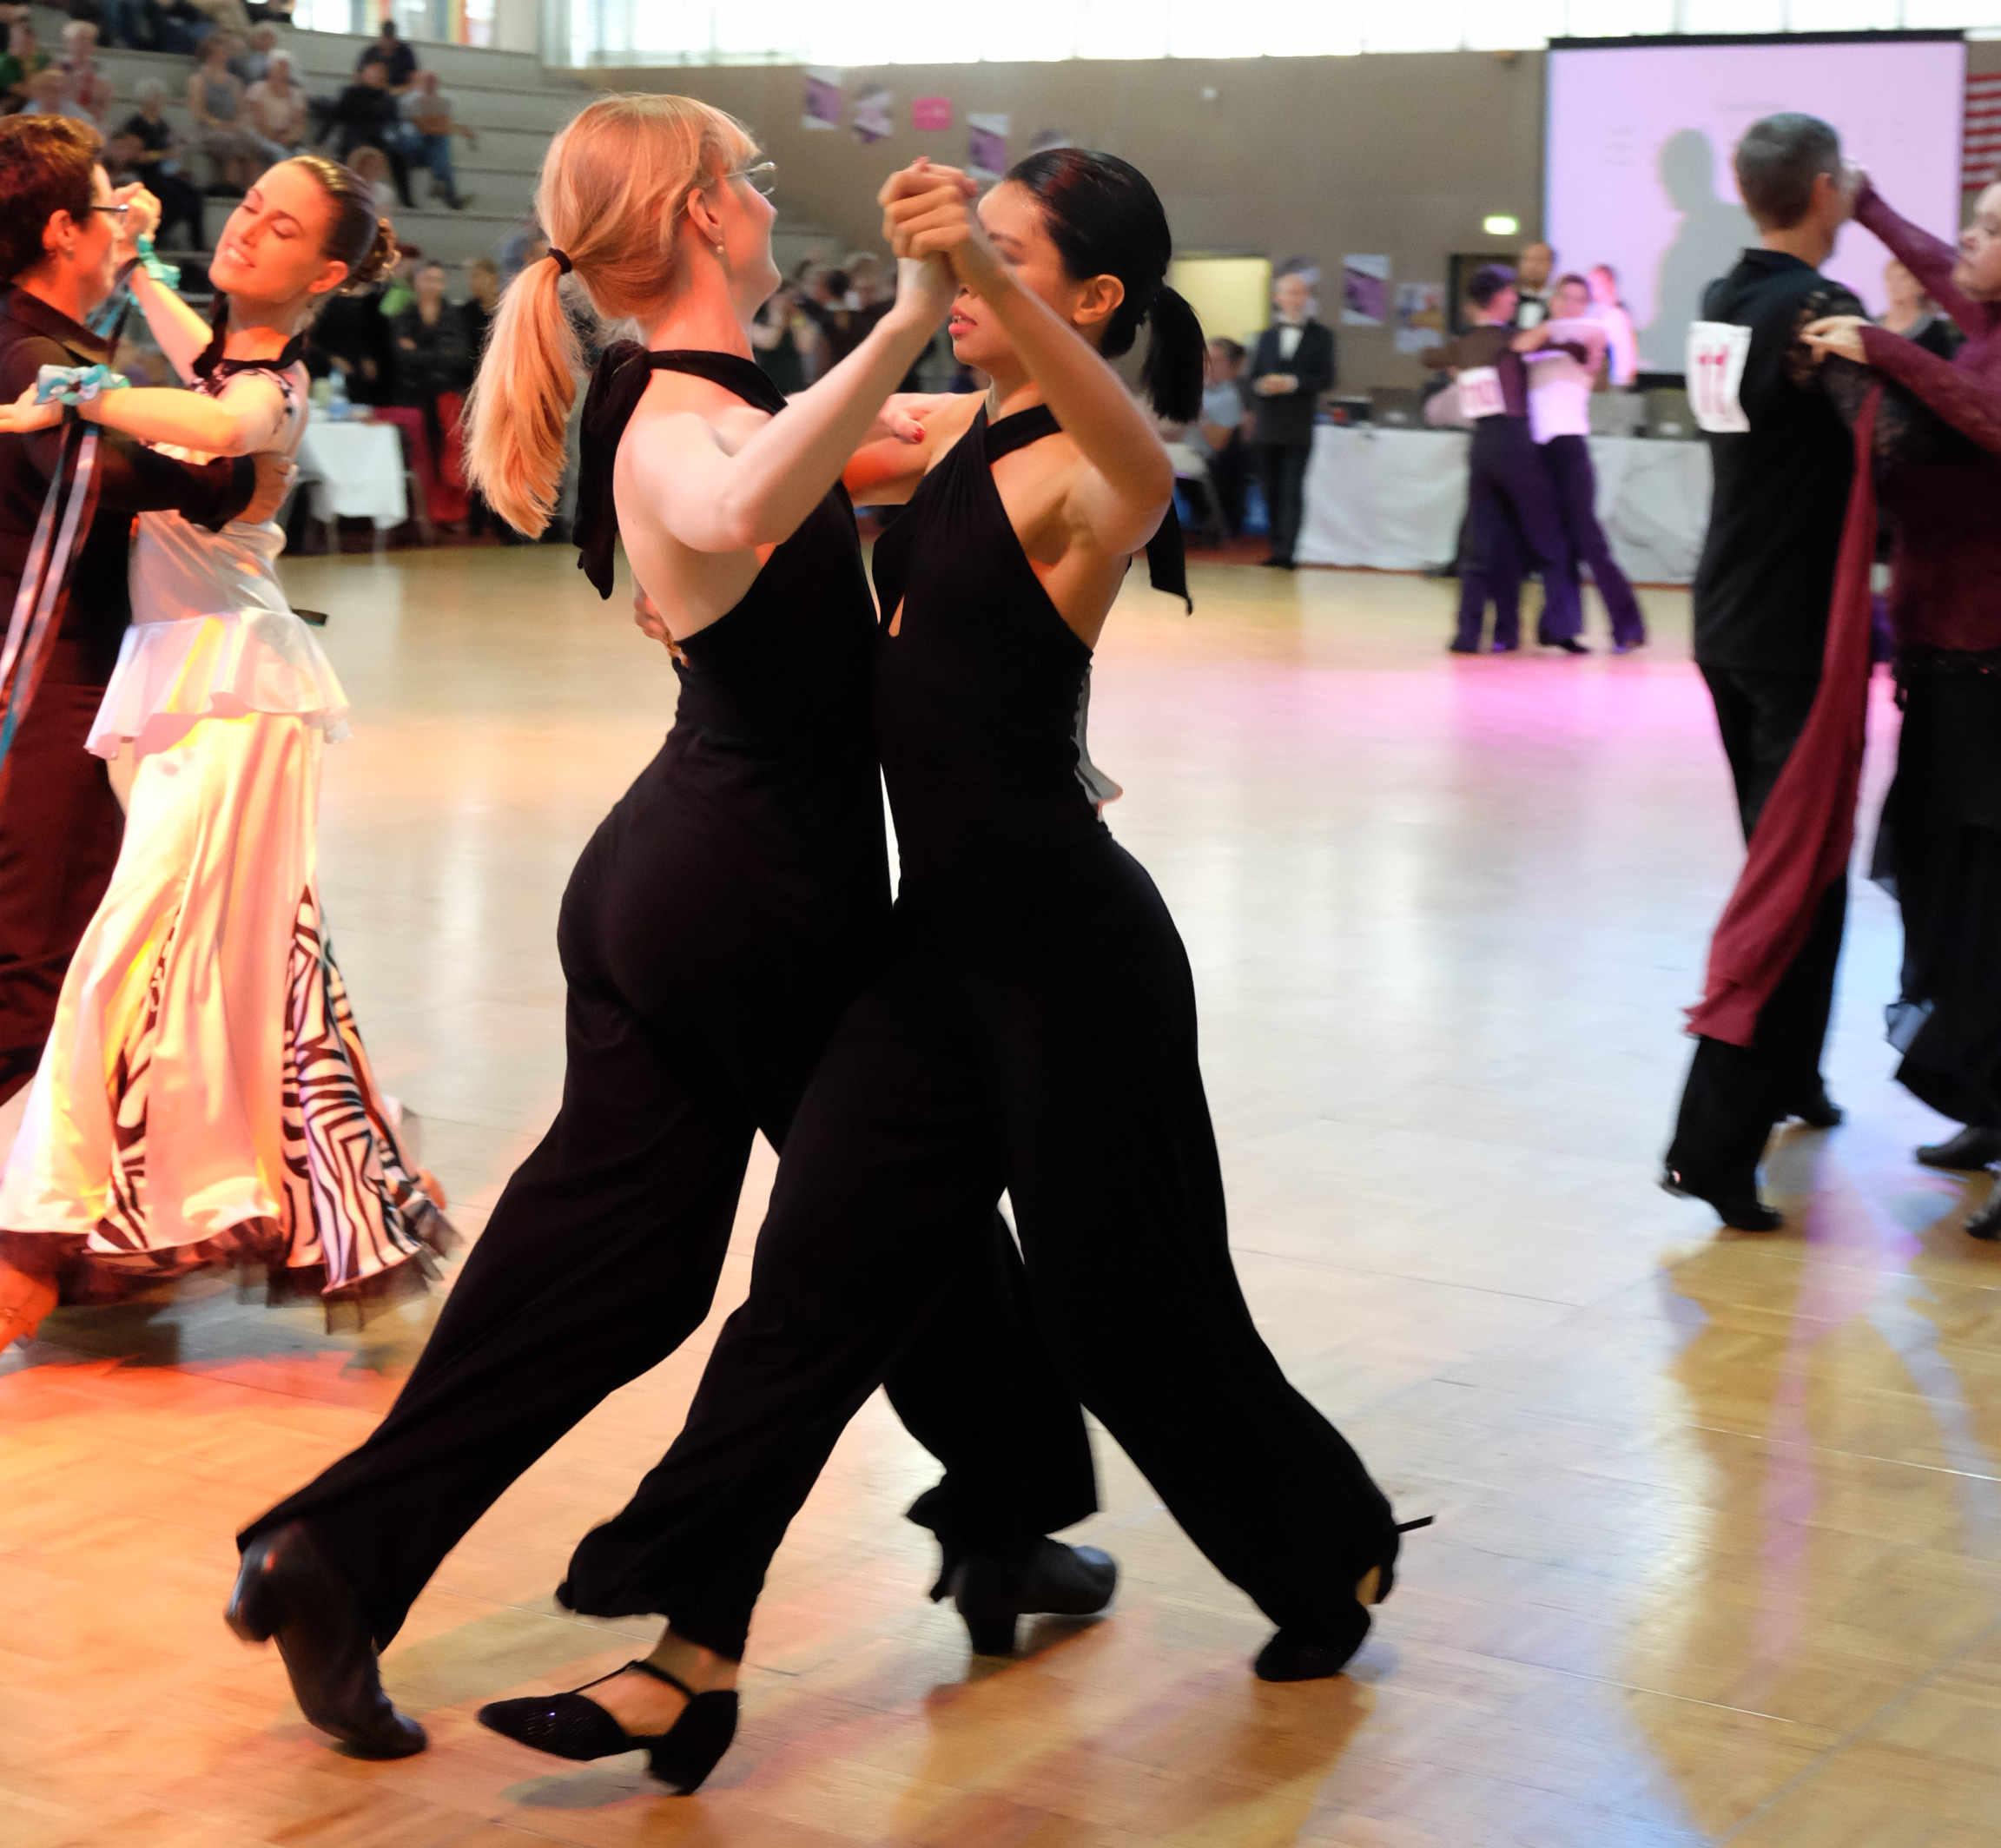 Wem gehört das Equality-Tanzen? – oder: Queer Dancing ist für alle da!